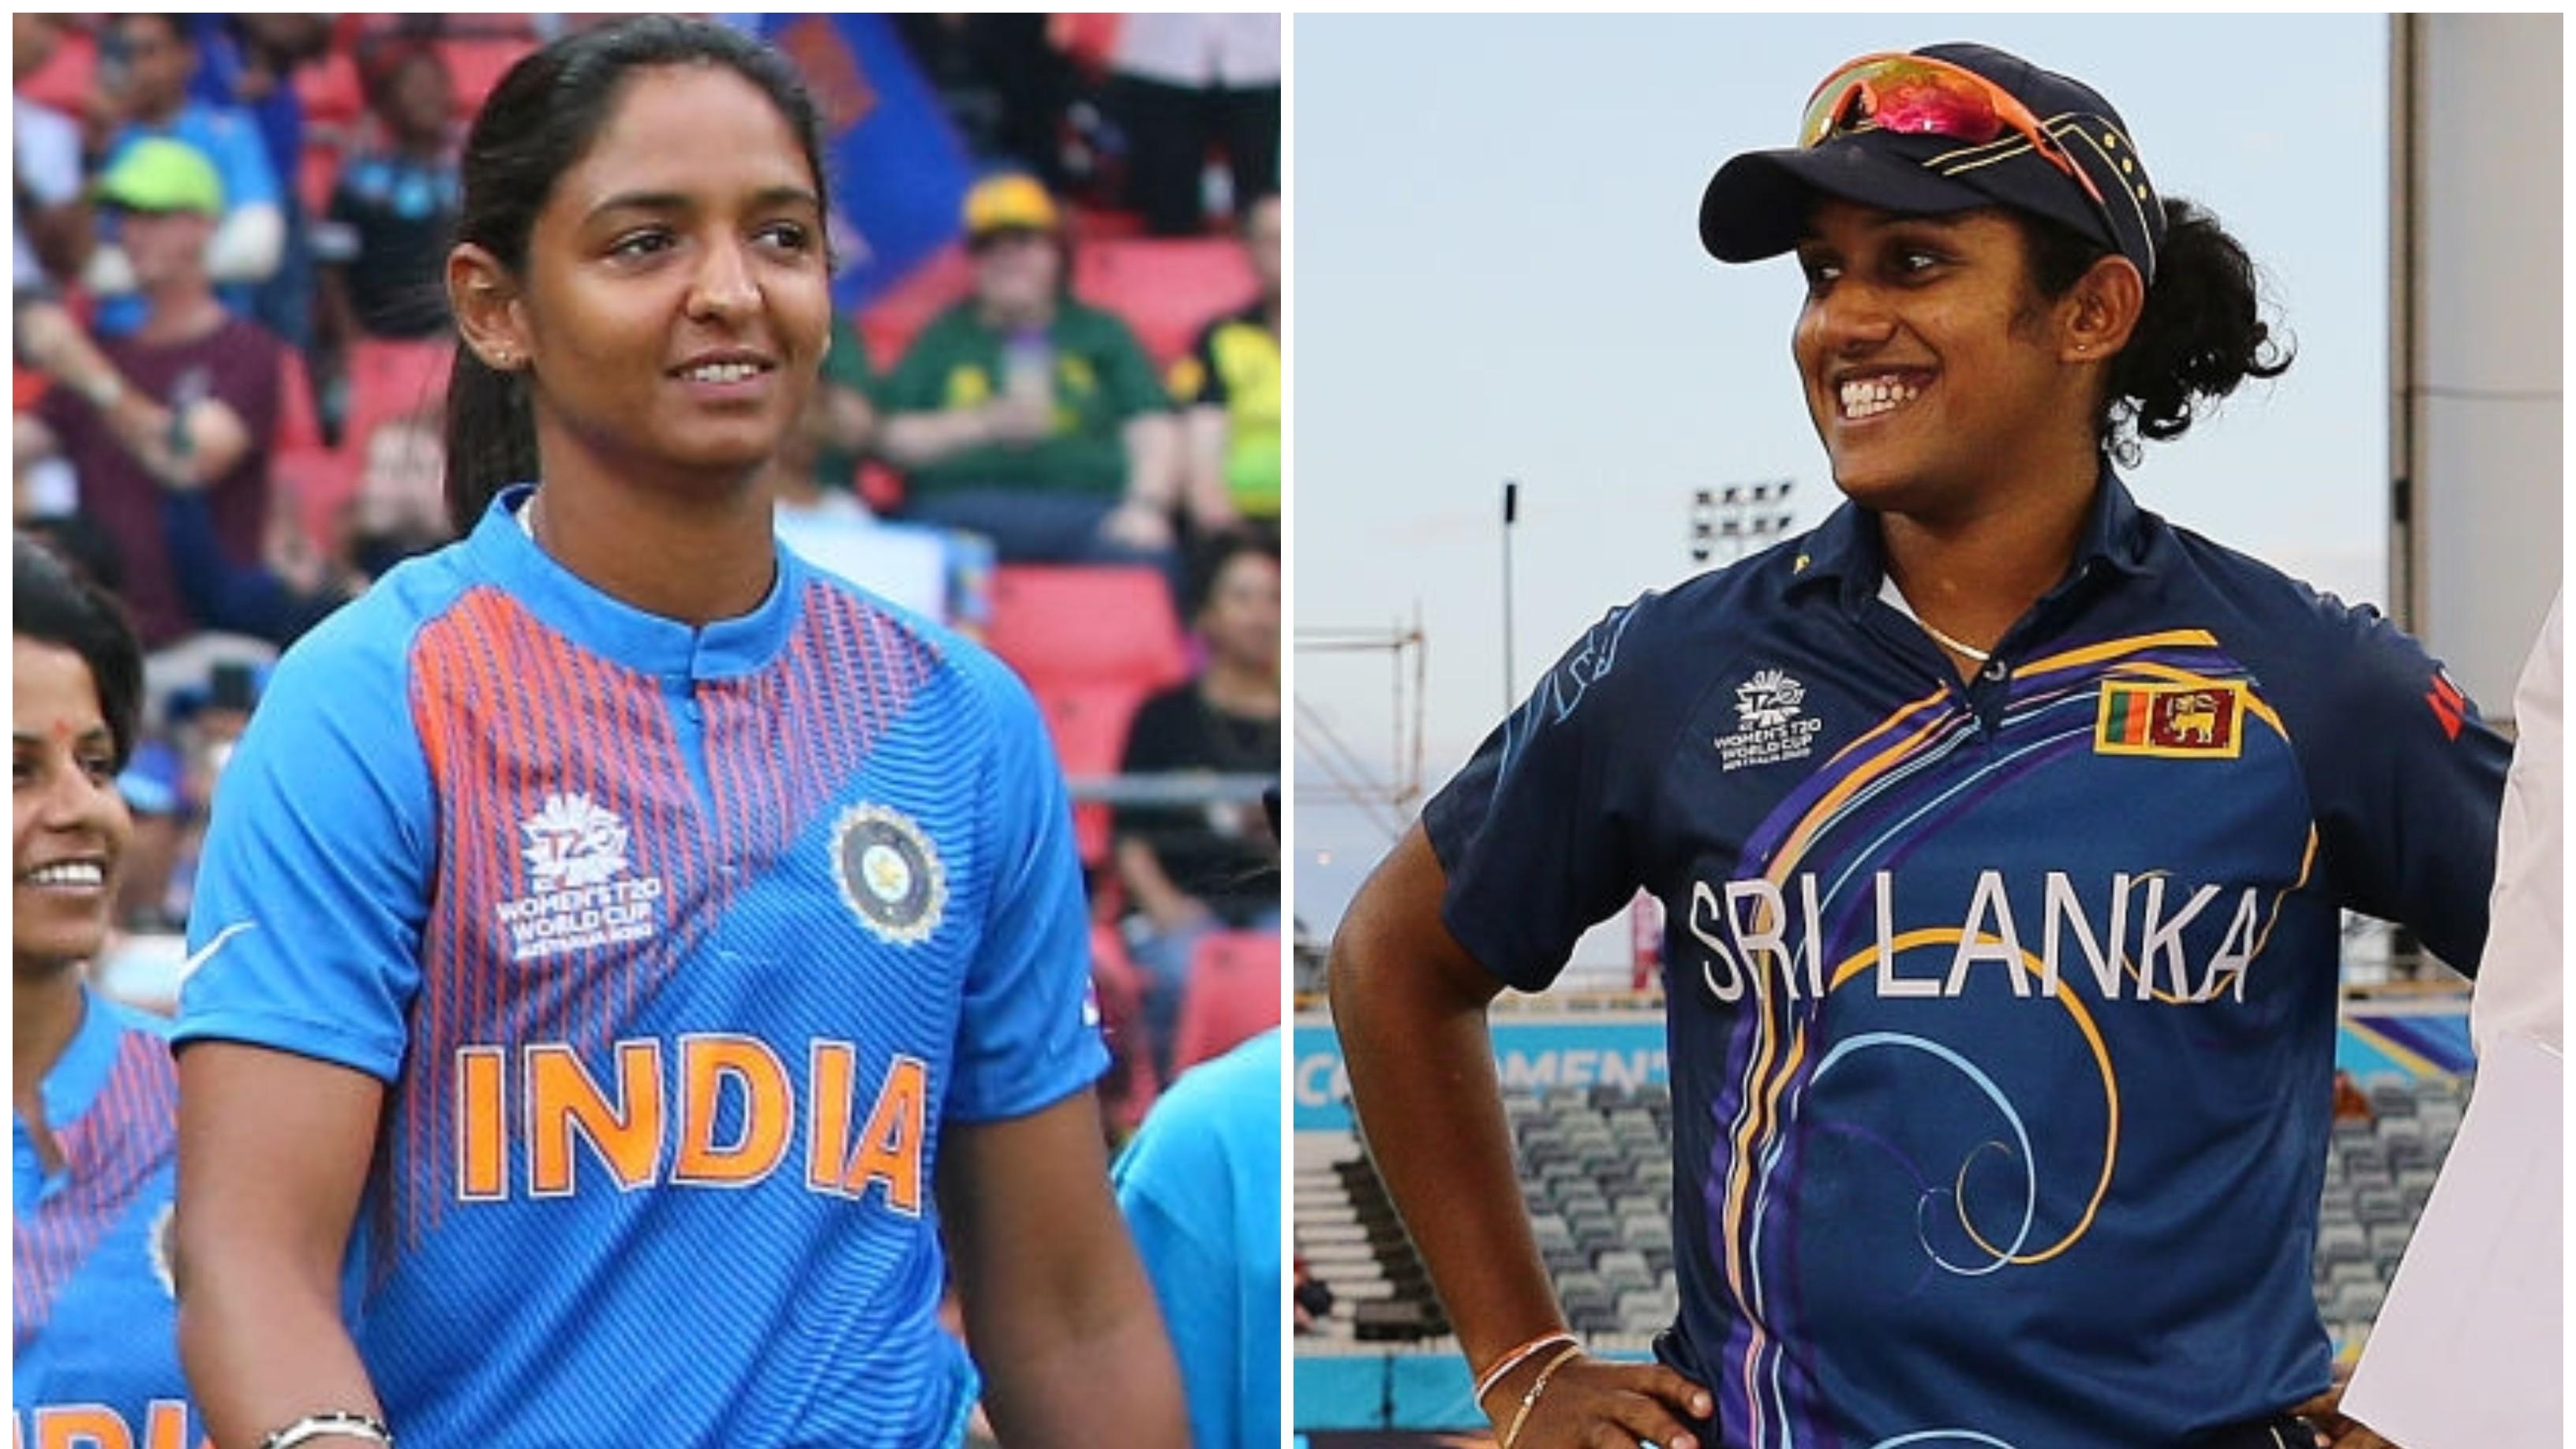 Women's T20WC 2020: भारतीय टीम का अंतिम ग्रुप स्टेज मुकाबला श्रीलंका के साथ, मैच प्रीव्यू